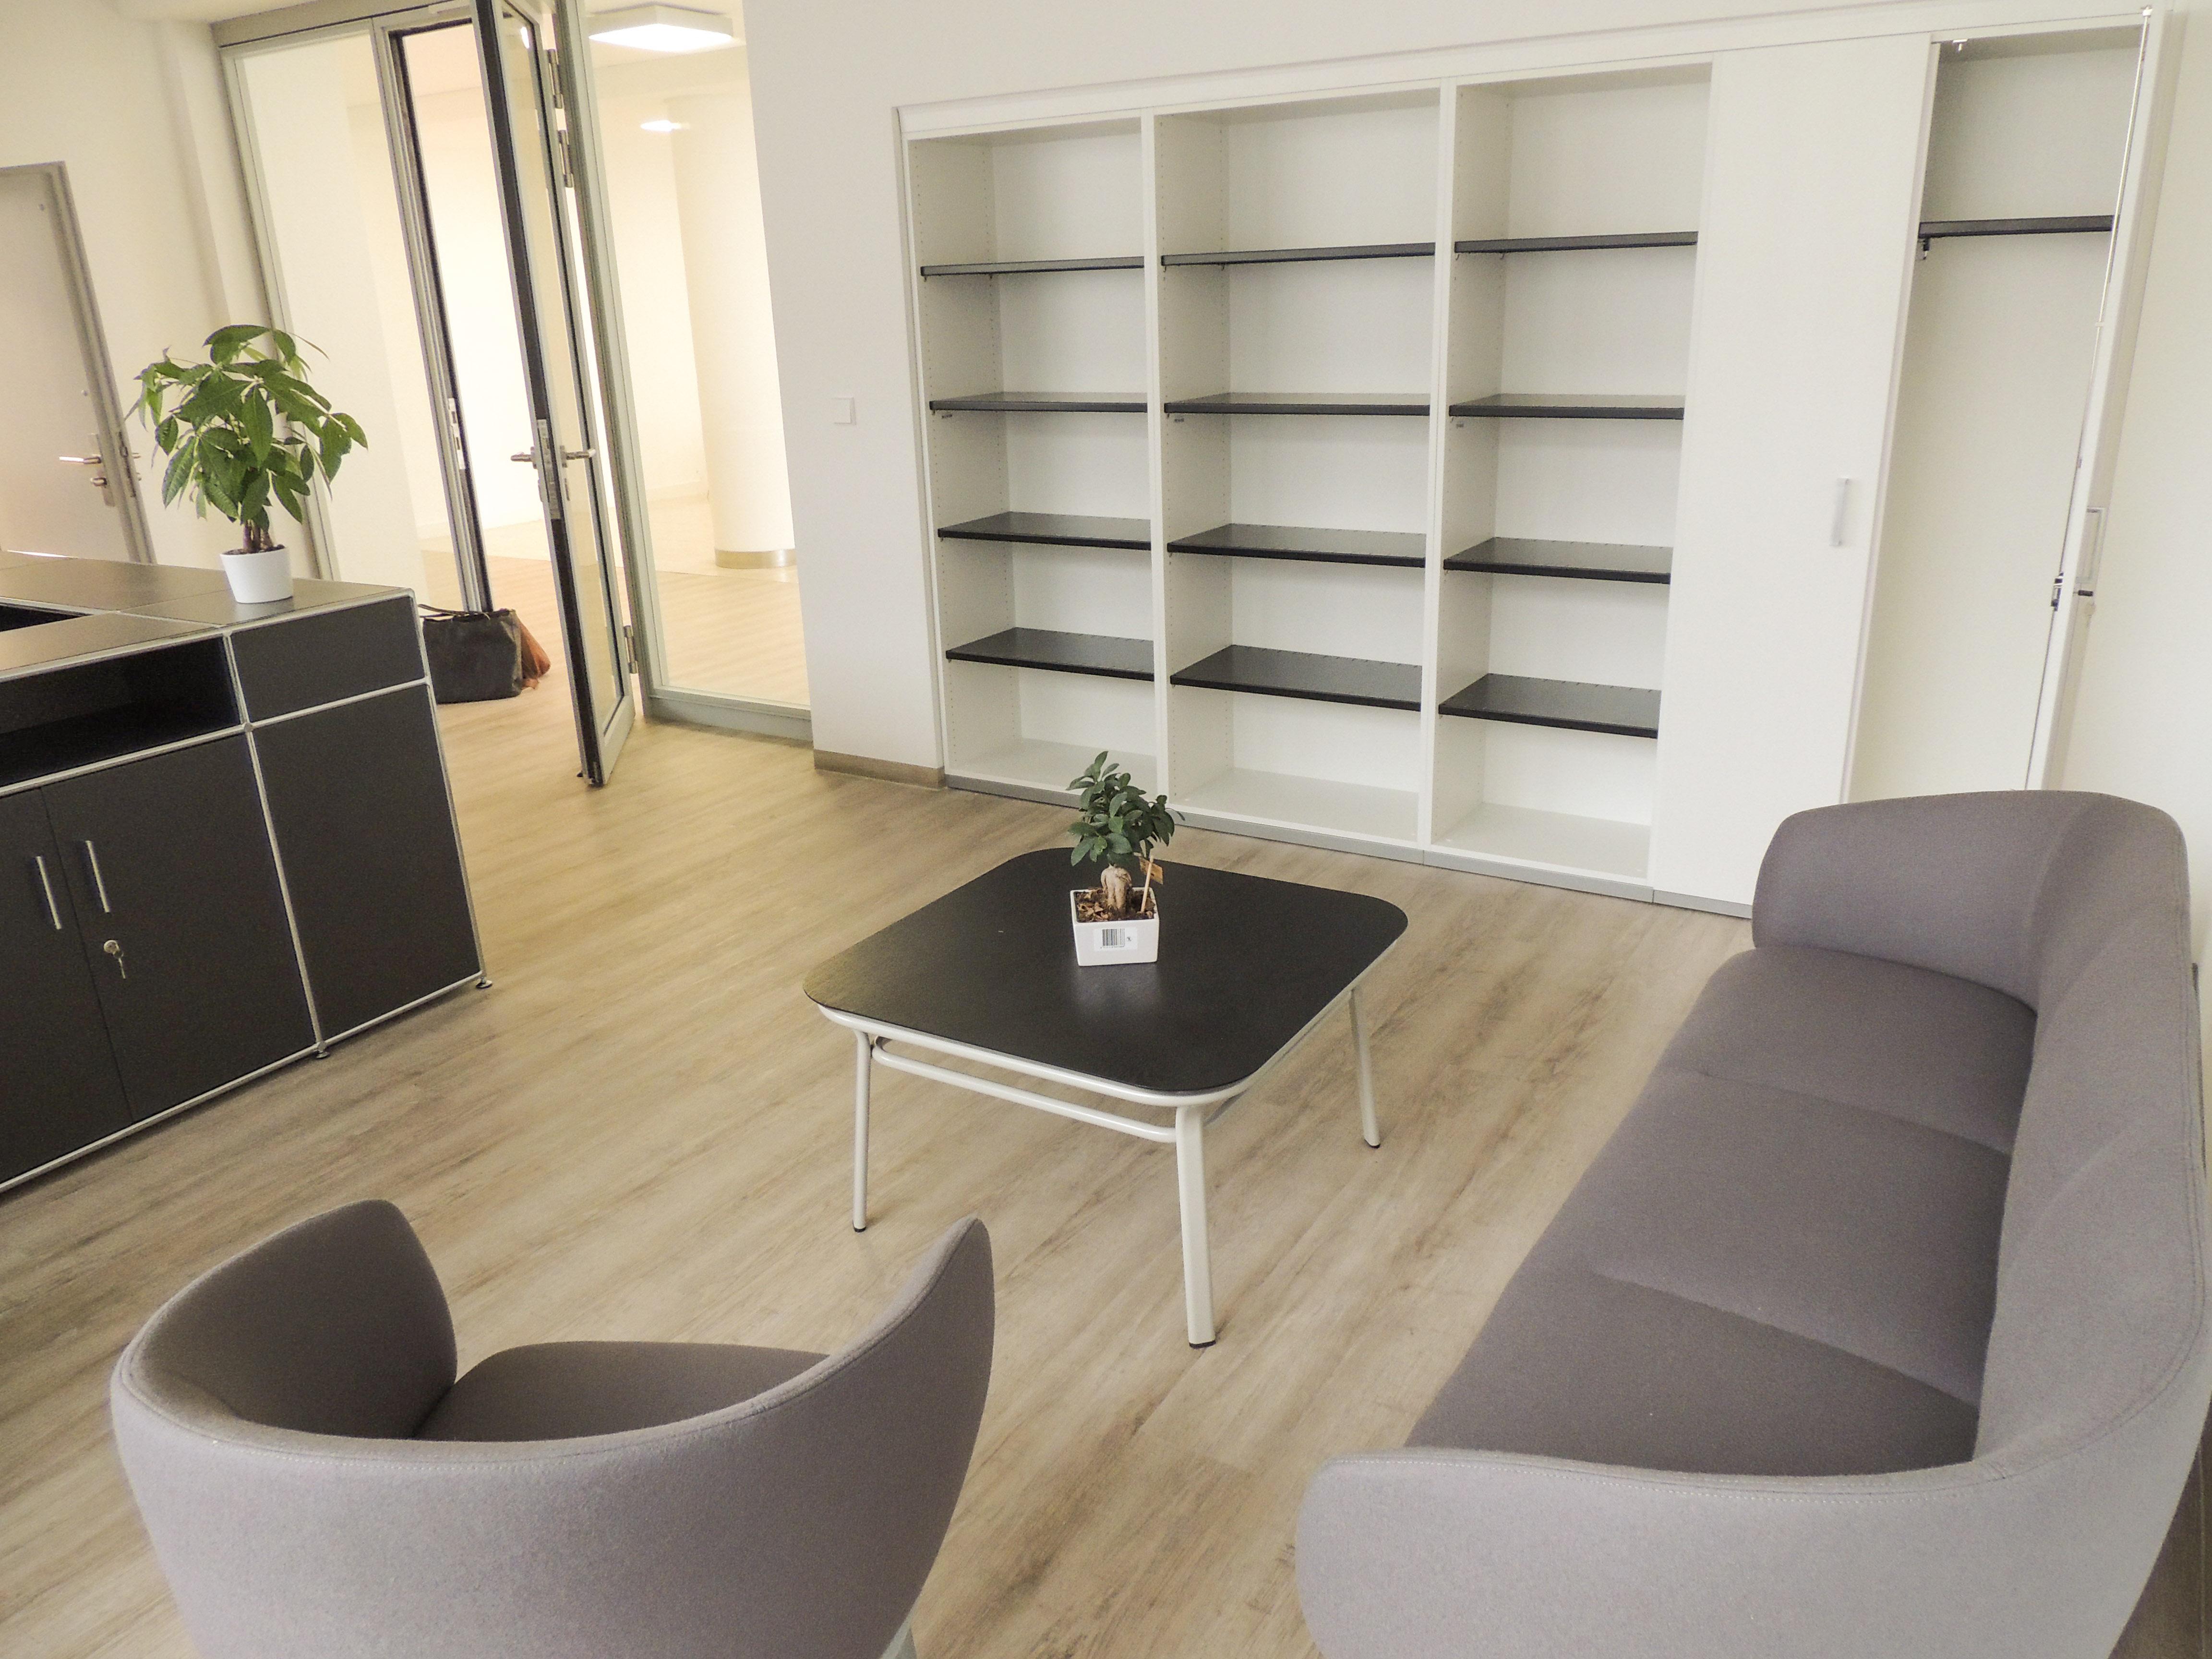 Entspannt sitzen im Büro von Büroland GmbH